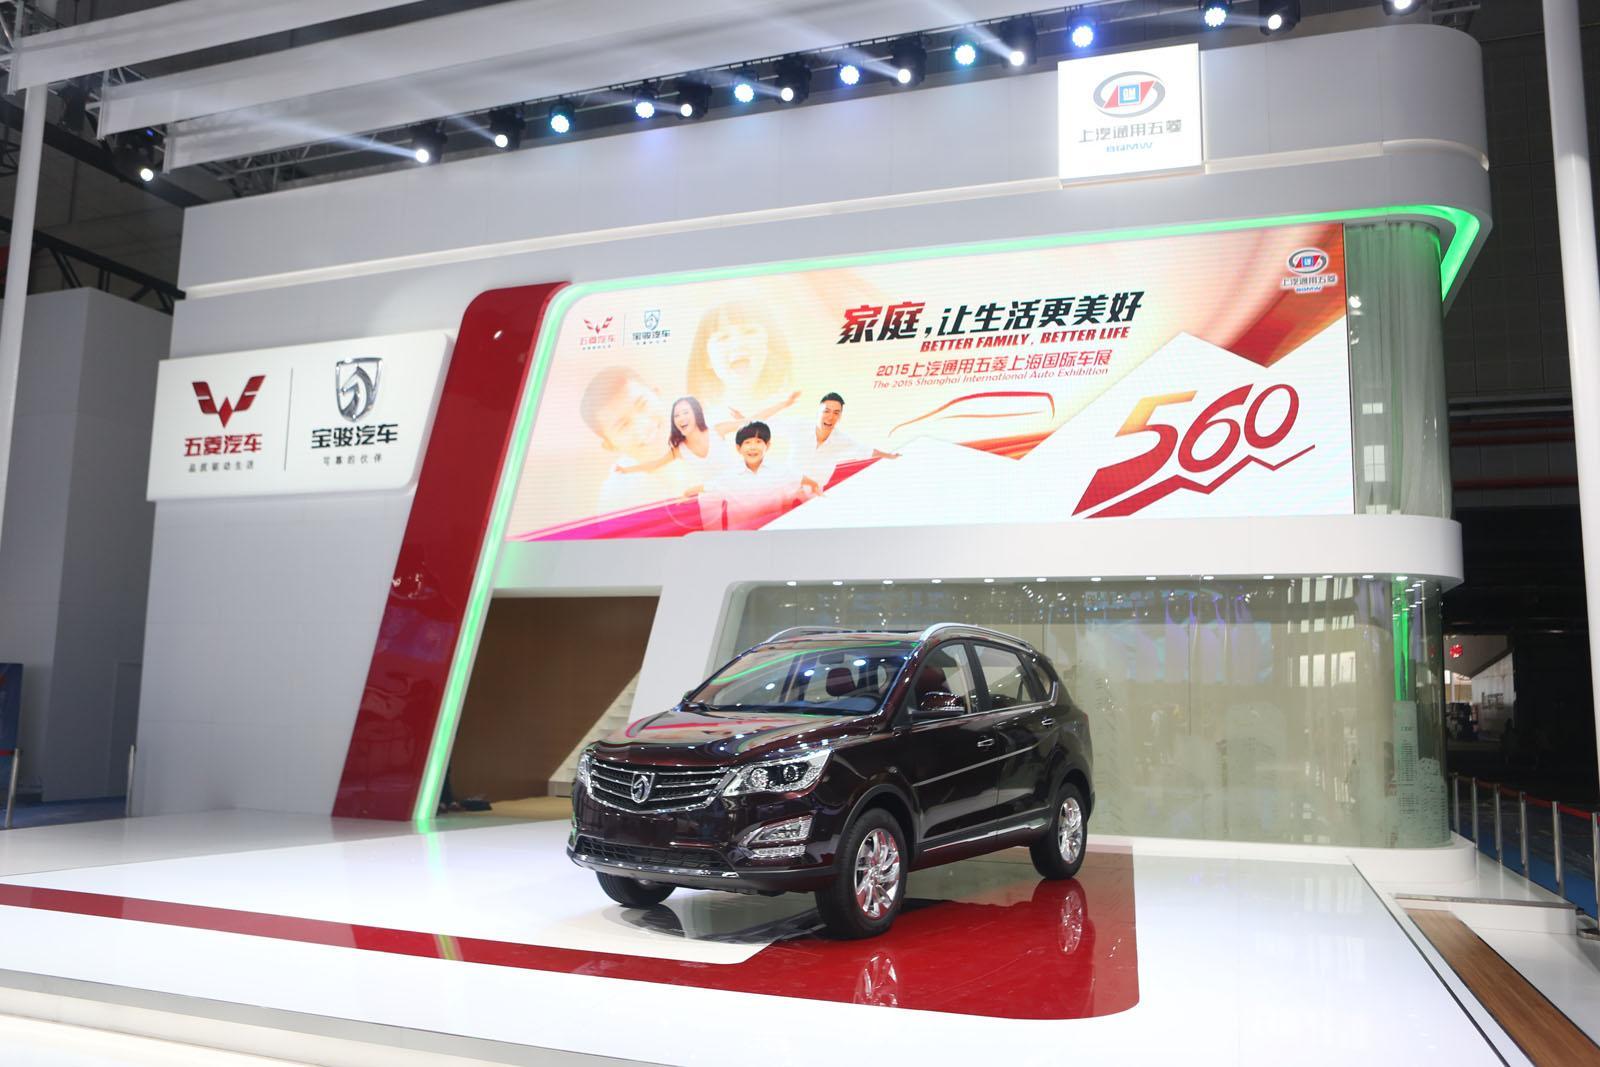 Baojun 560 2015 01